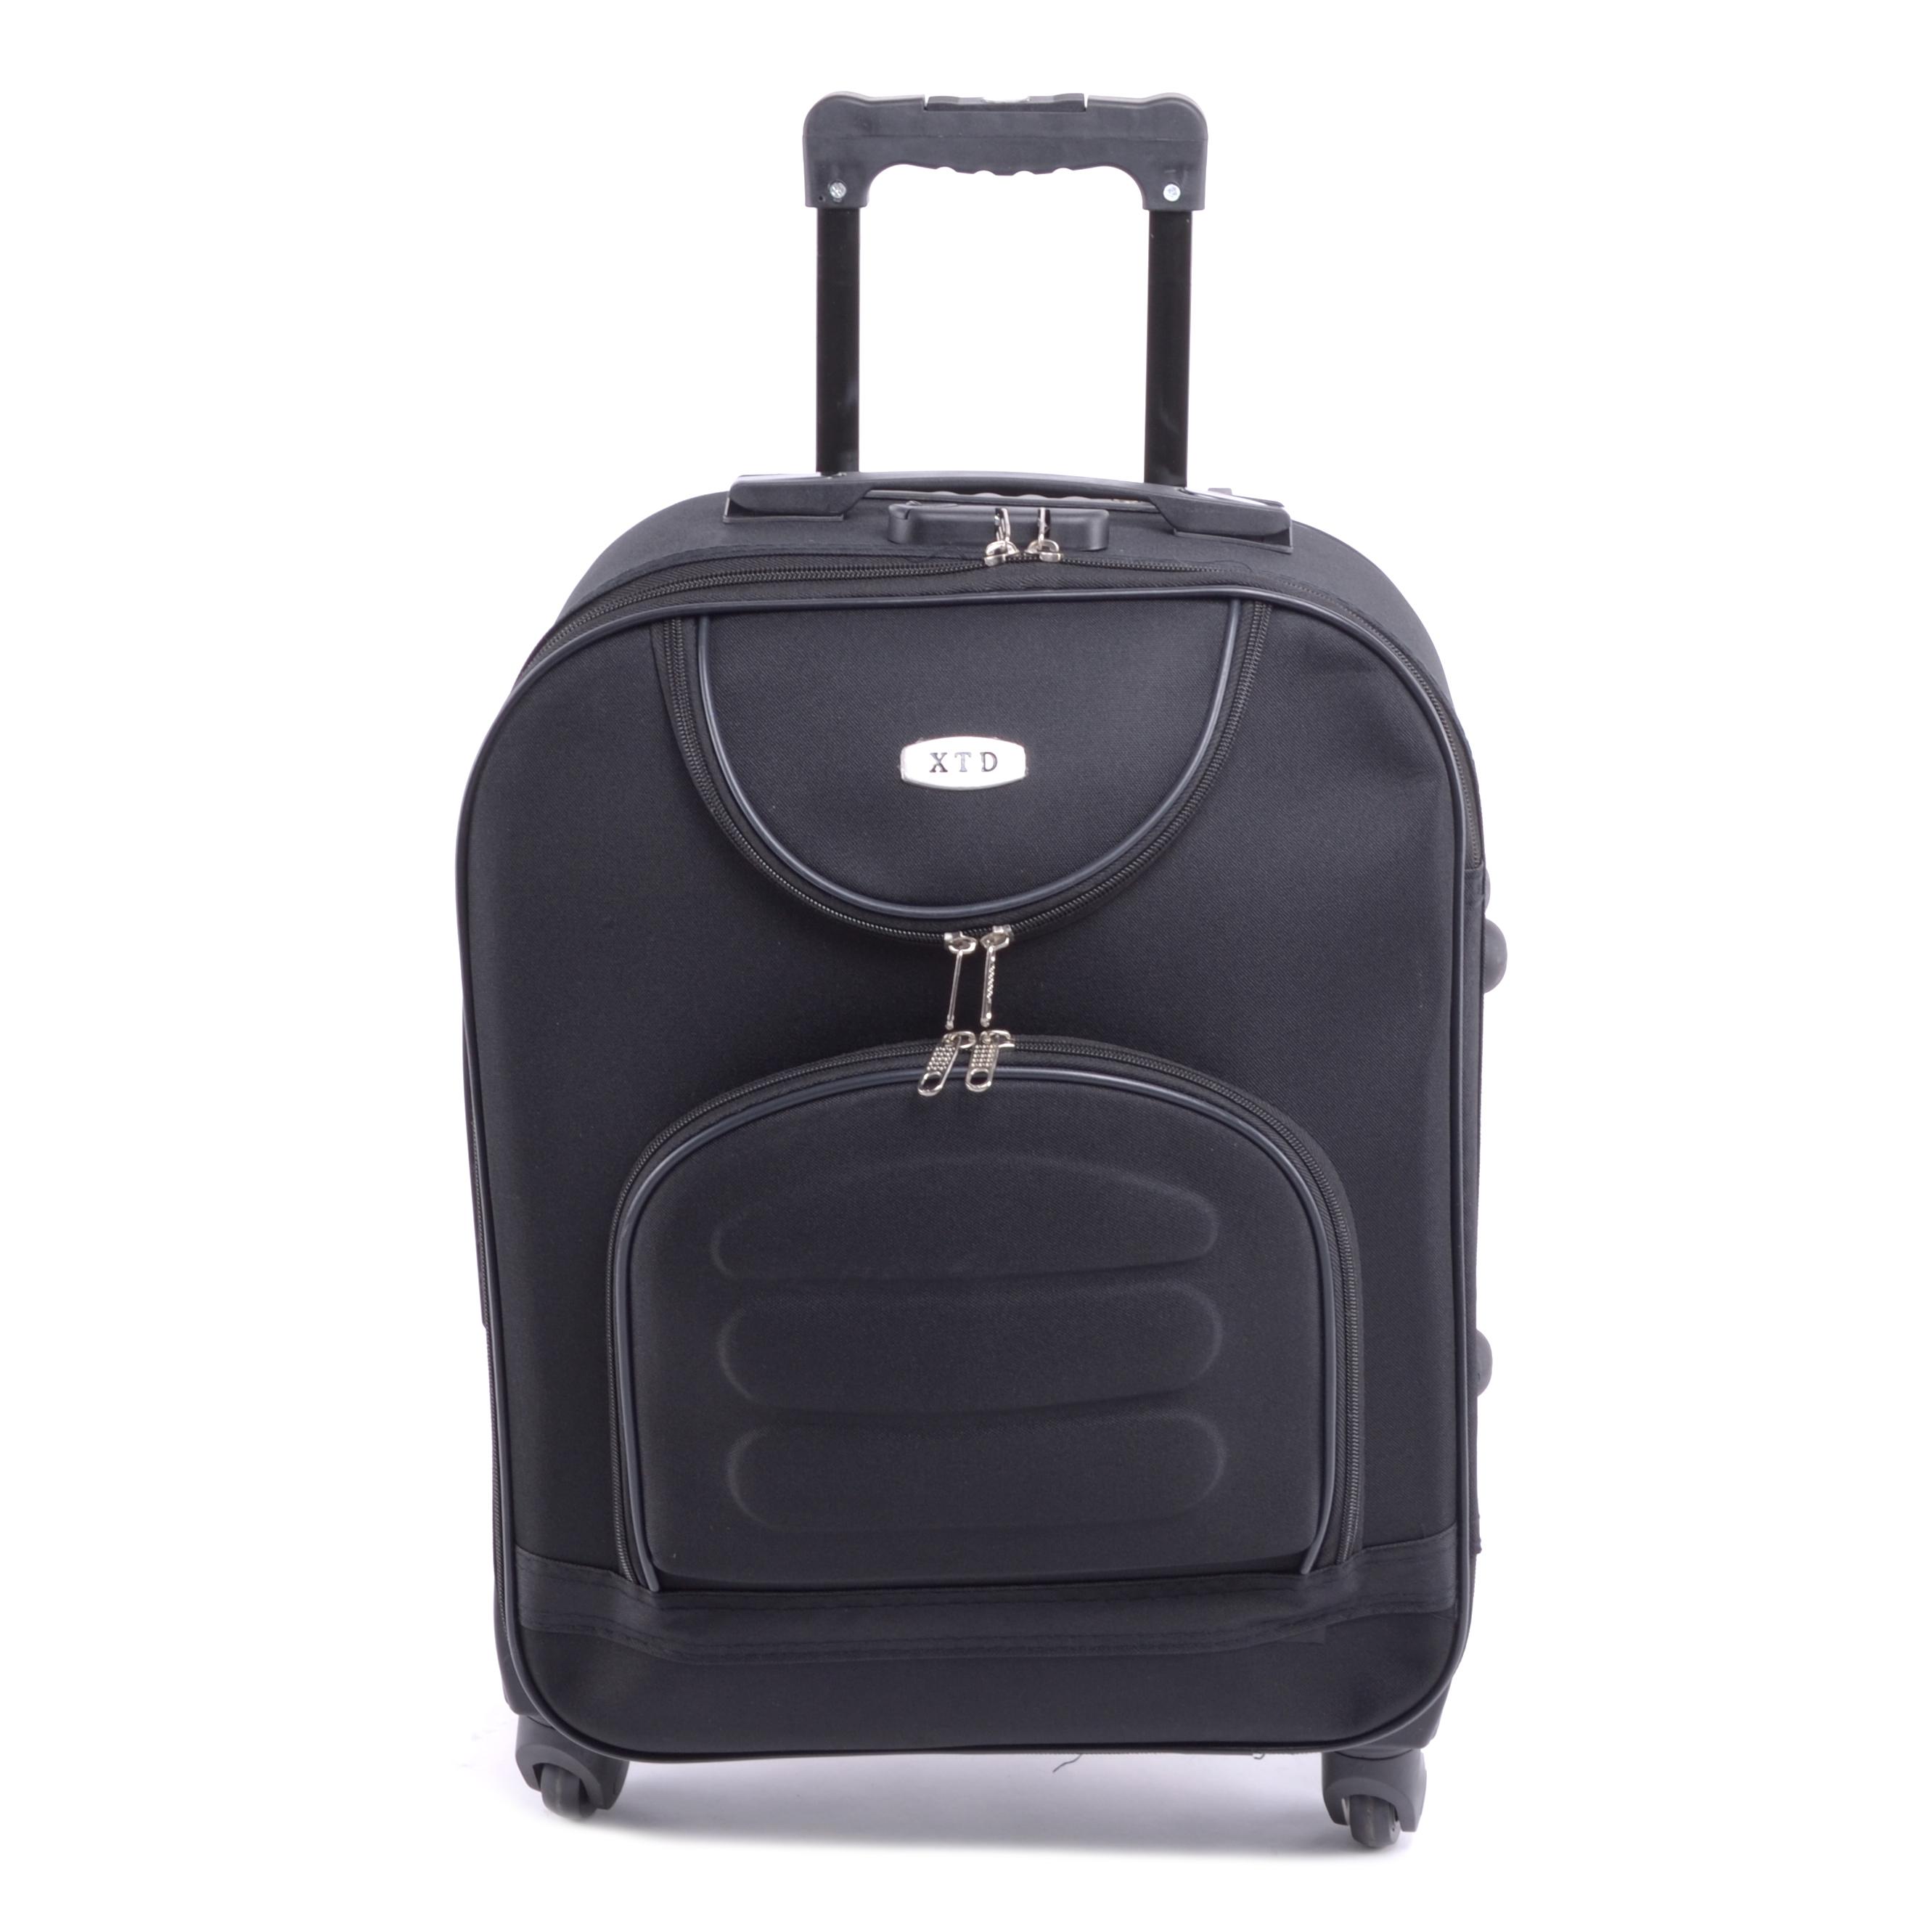 Xtd Kis Bőrőnd Fekete (4 Kerekű) - KABIN (kis) MÉRETŰ BŐRÖNDÖK - Táska  webáruház - Minőségi táskák mindenkinek d91a800dca